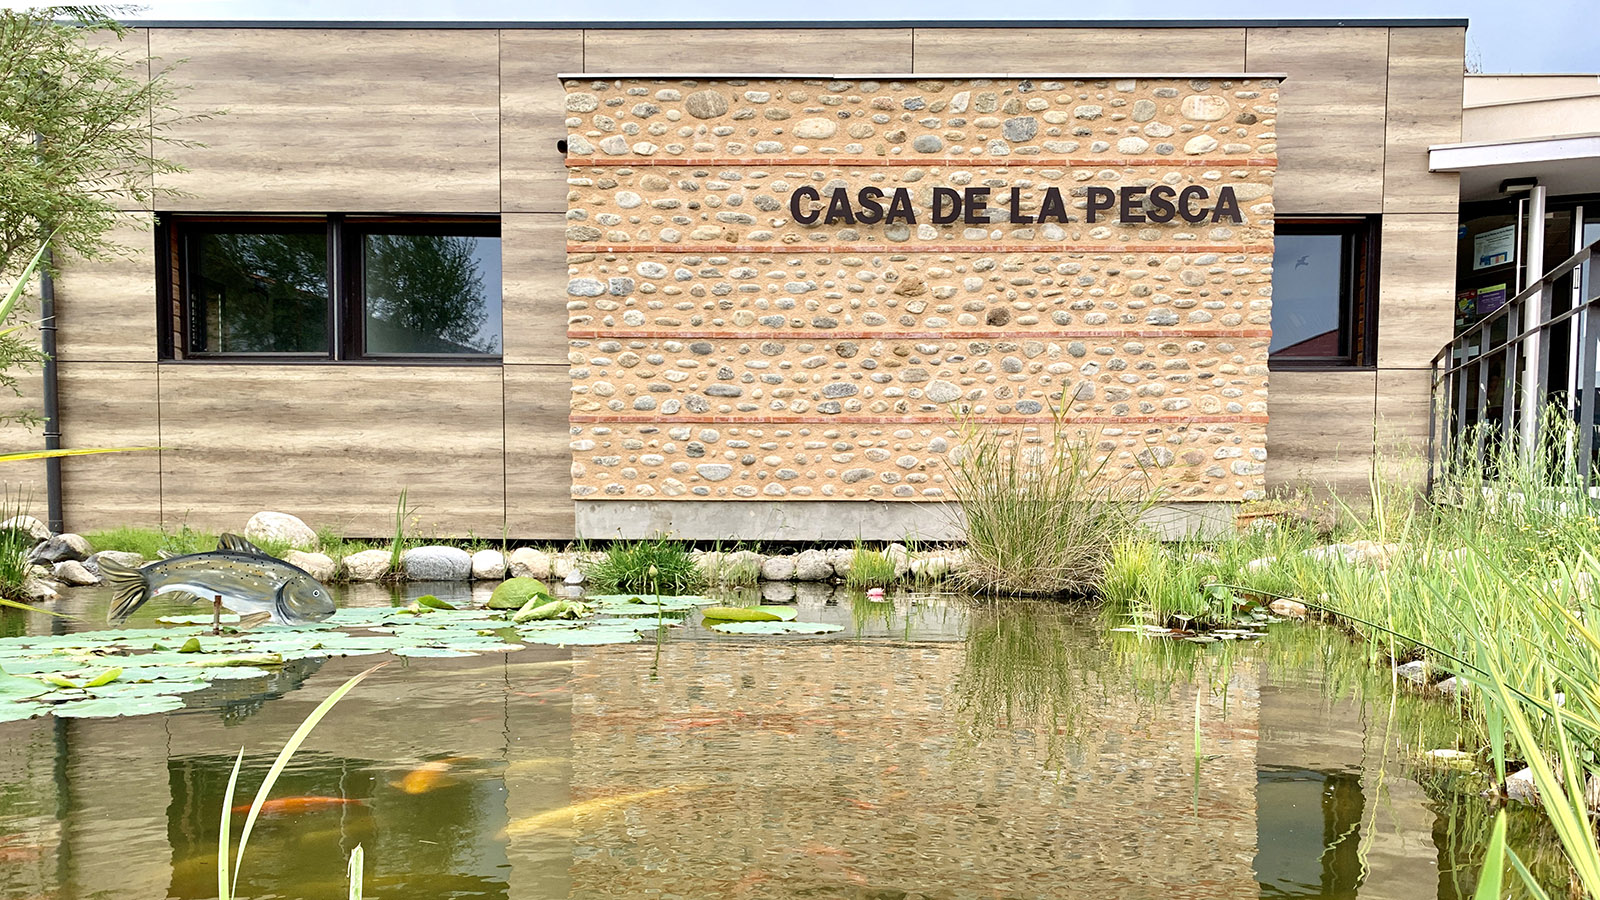 Das Haus des Fischereiverbandes der Pyrénées-Orientales. Hier erhaltet ihr eure Angelkarten. Foto: Hilke Maunder